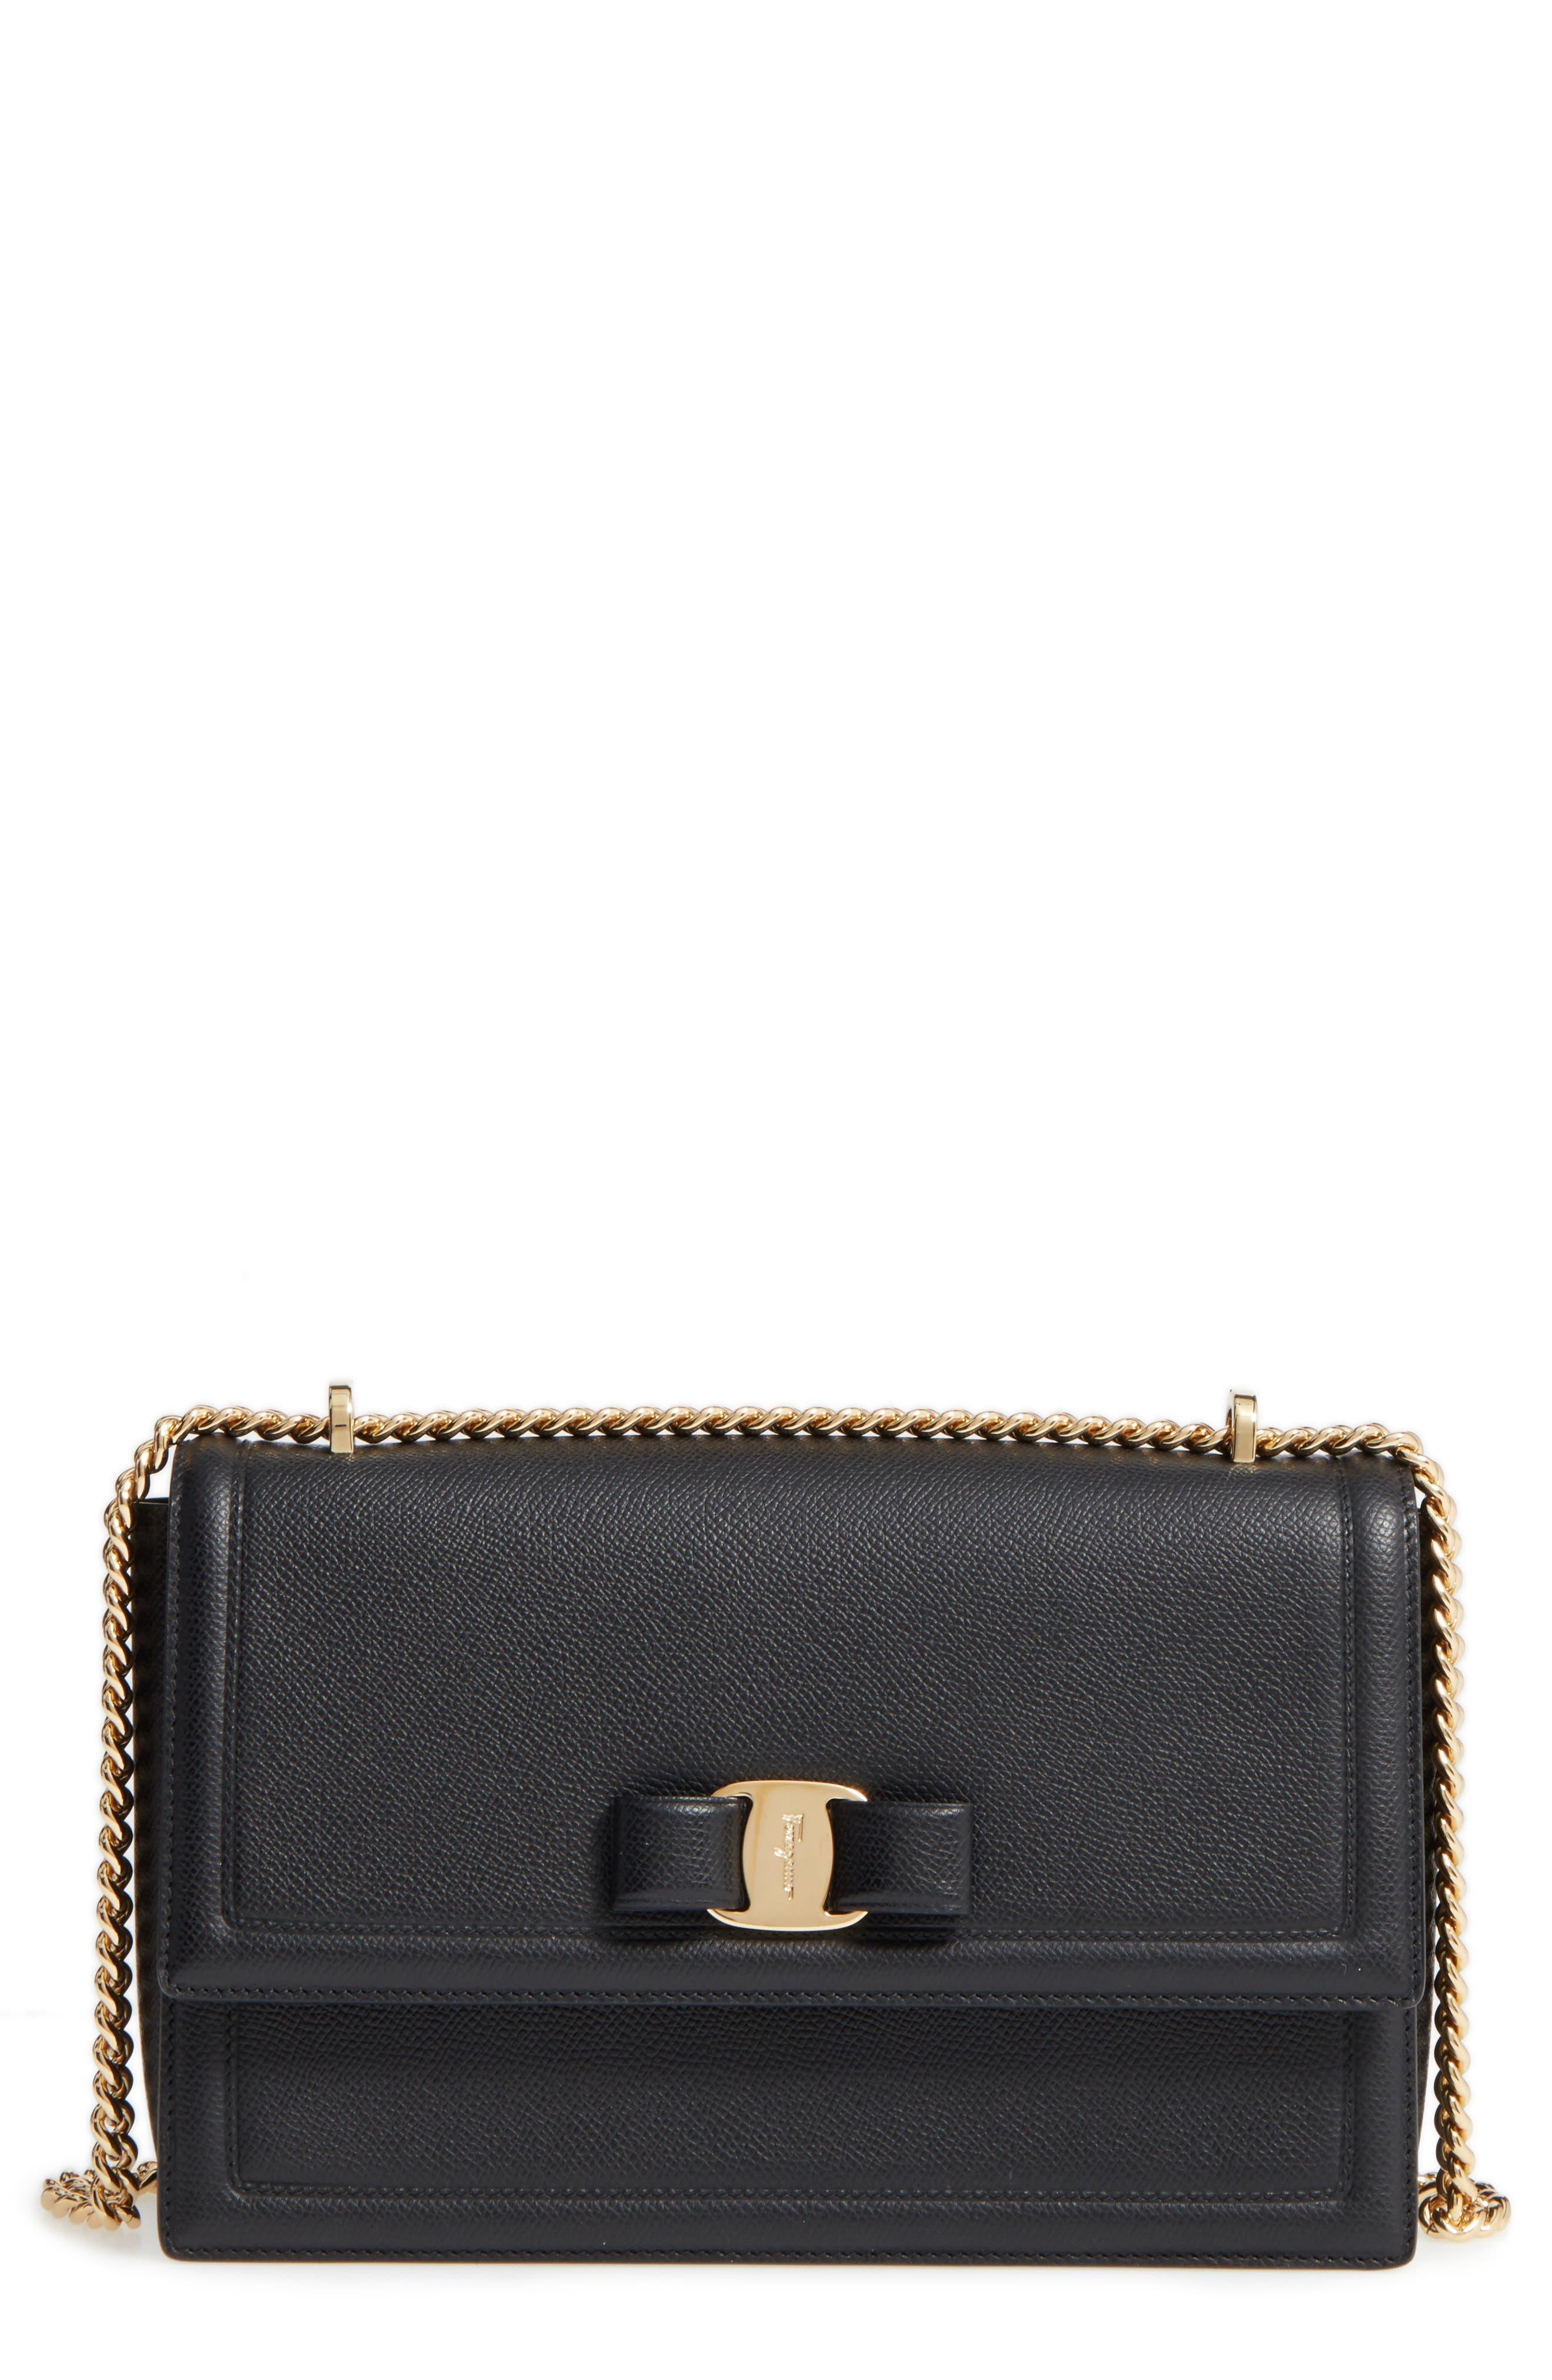 Salvatore Ferragamo Medium Grained Leather Bow Shoulder Bag